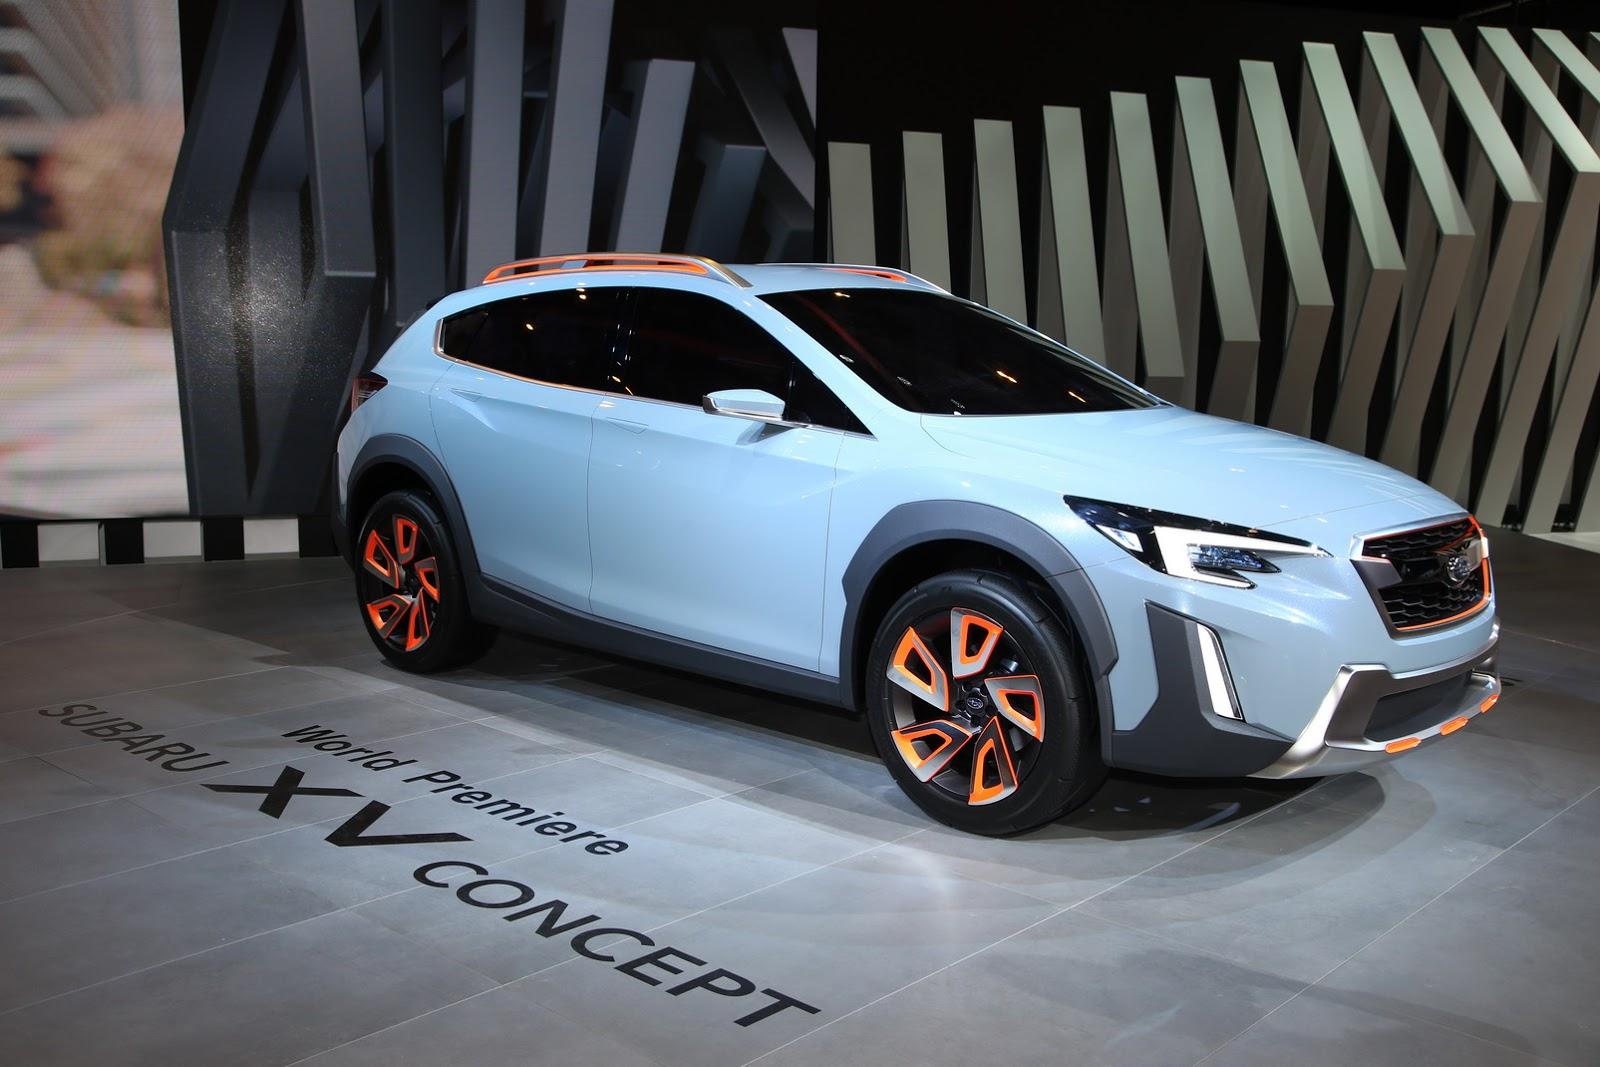 Subaru XV Concept 2016 ngầu trong thiết kế đèn led, nhưng xấu trong sự đơn điệu